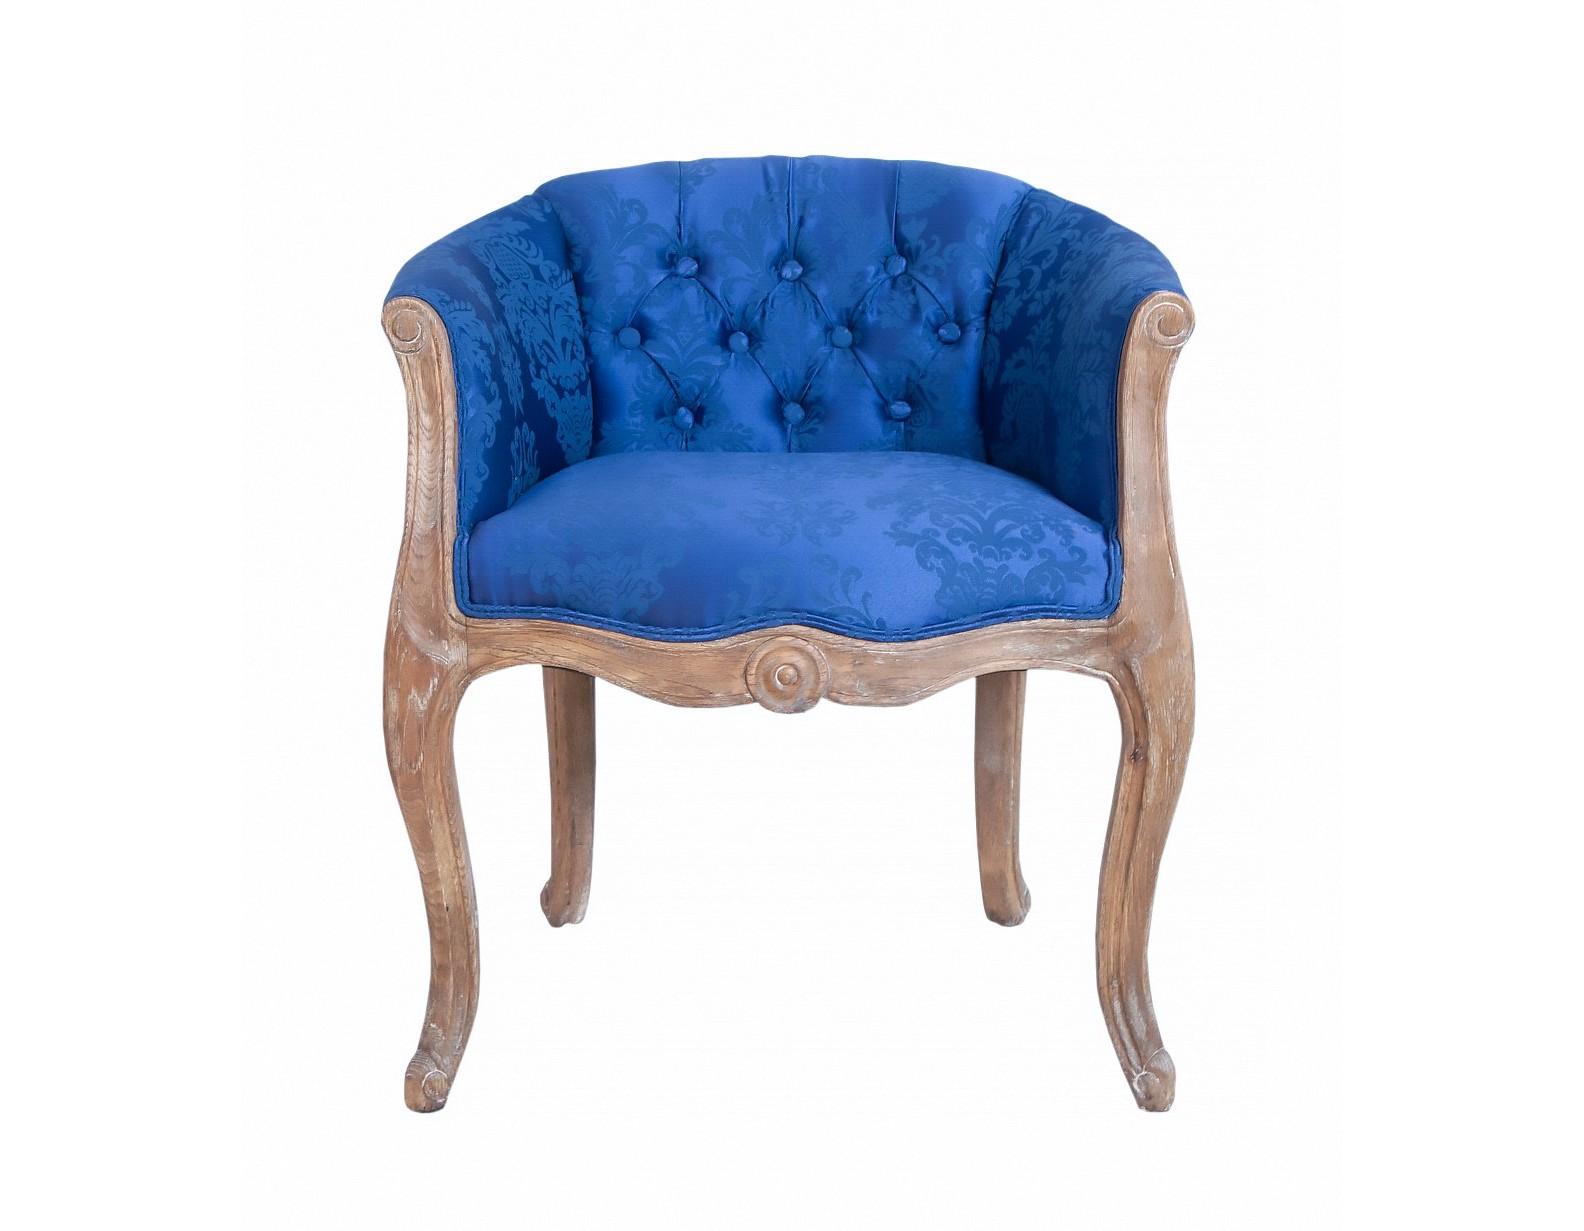 Кресло Kandy blueПолукресла<br>Роскошные классические формы кресла Kandy как нельзя лучше передают настроения французского стиля прованс. Кресло с основанием из натурального дерева,искусственно состаренног, для придания эффекта винтажности, спинка выполнена в технике каретная стяжка.Такое очаровательное кресло отлично уживется в интерьере классического современного стиля гостиннй или спальне.&amp;amp;nbsp;<br><br>Material: Текстиль<br>Ширина см: 64<br>Высота см: 68<br>Глубина см: 56